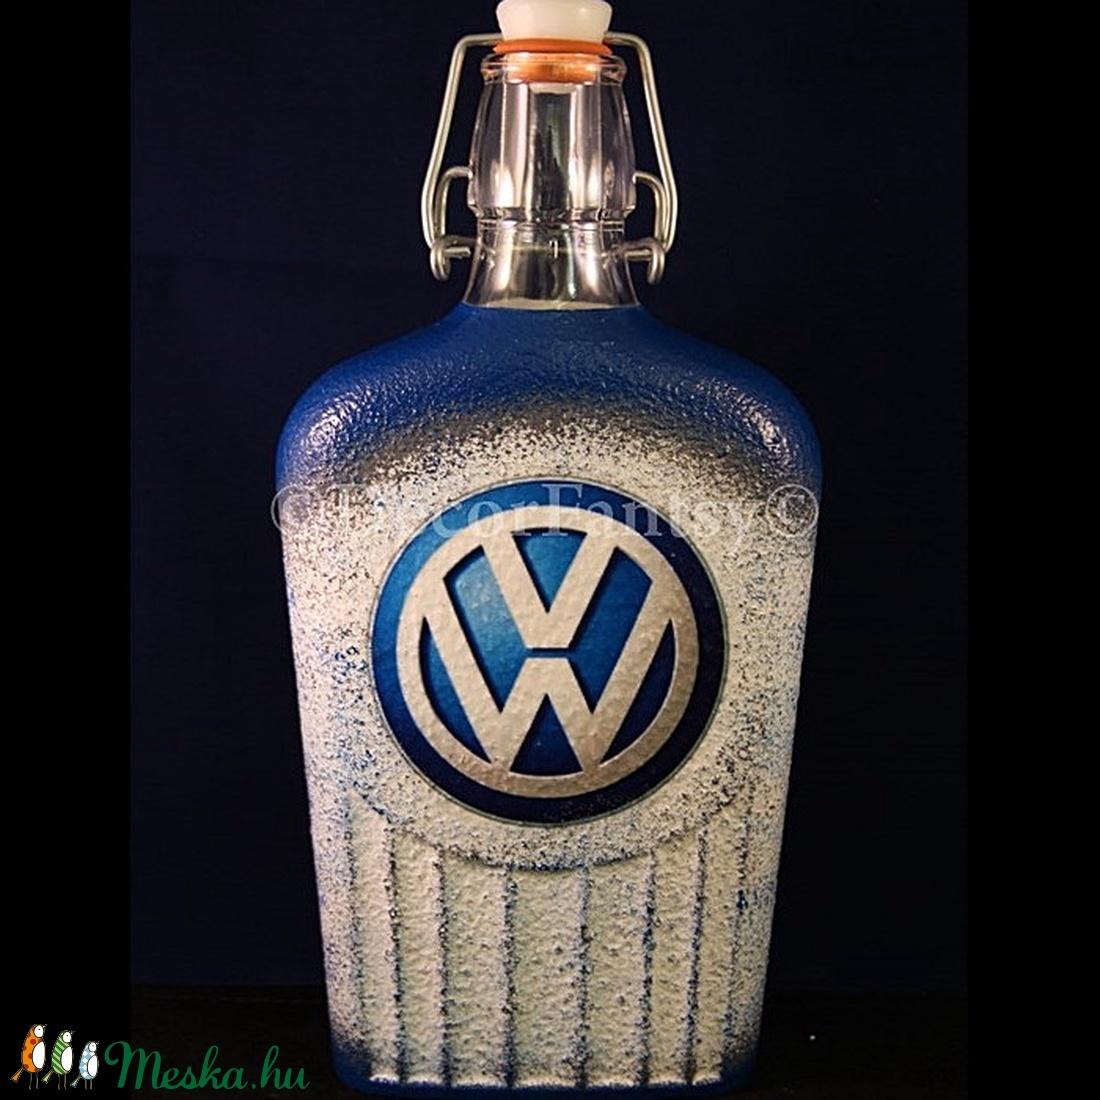 VOLKSWAGEN pálinkás csatosüveg ; Saját Volkswagen autód fényképével is! (decorfantasy) - Meska.hu